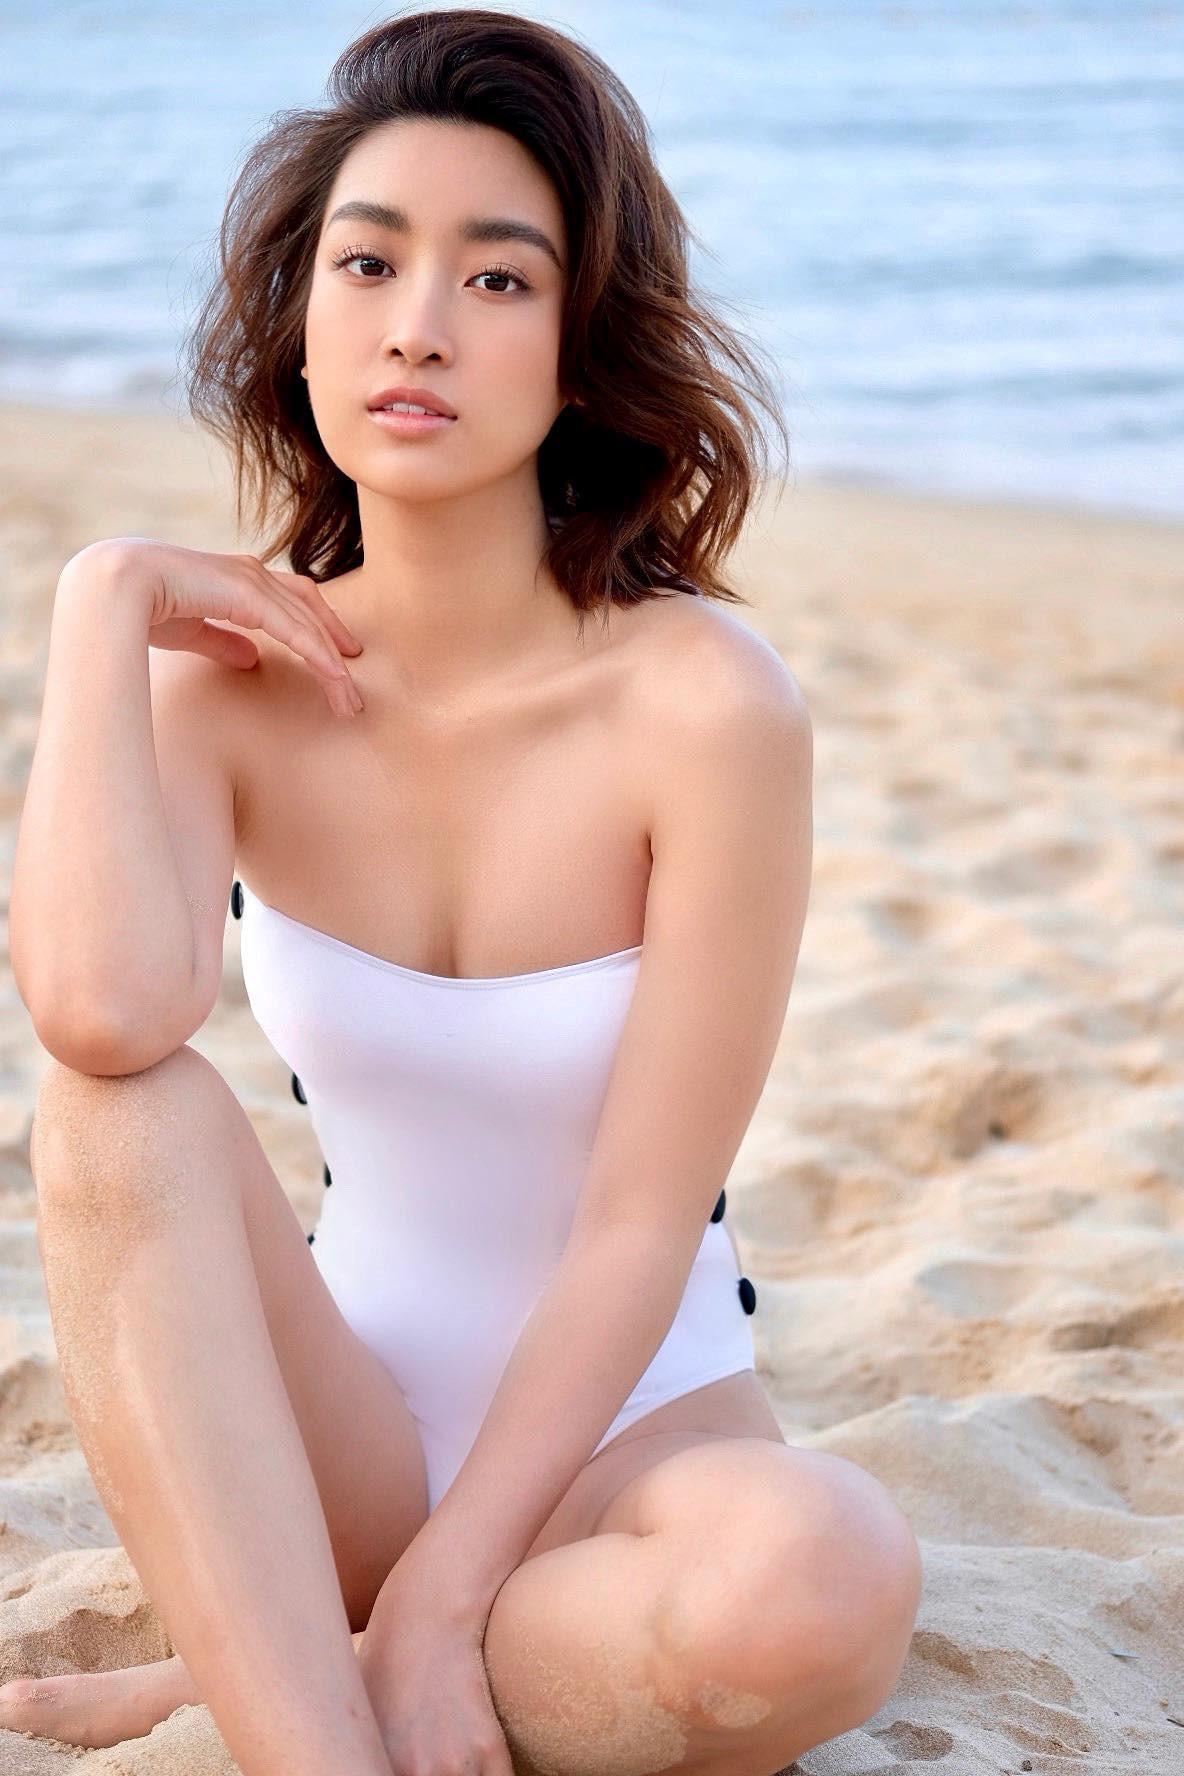 Hoa hậu Đỗ Mỹ Linh khoe vóc dáng gợi cảm với đồ bơi Ảnh 4